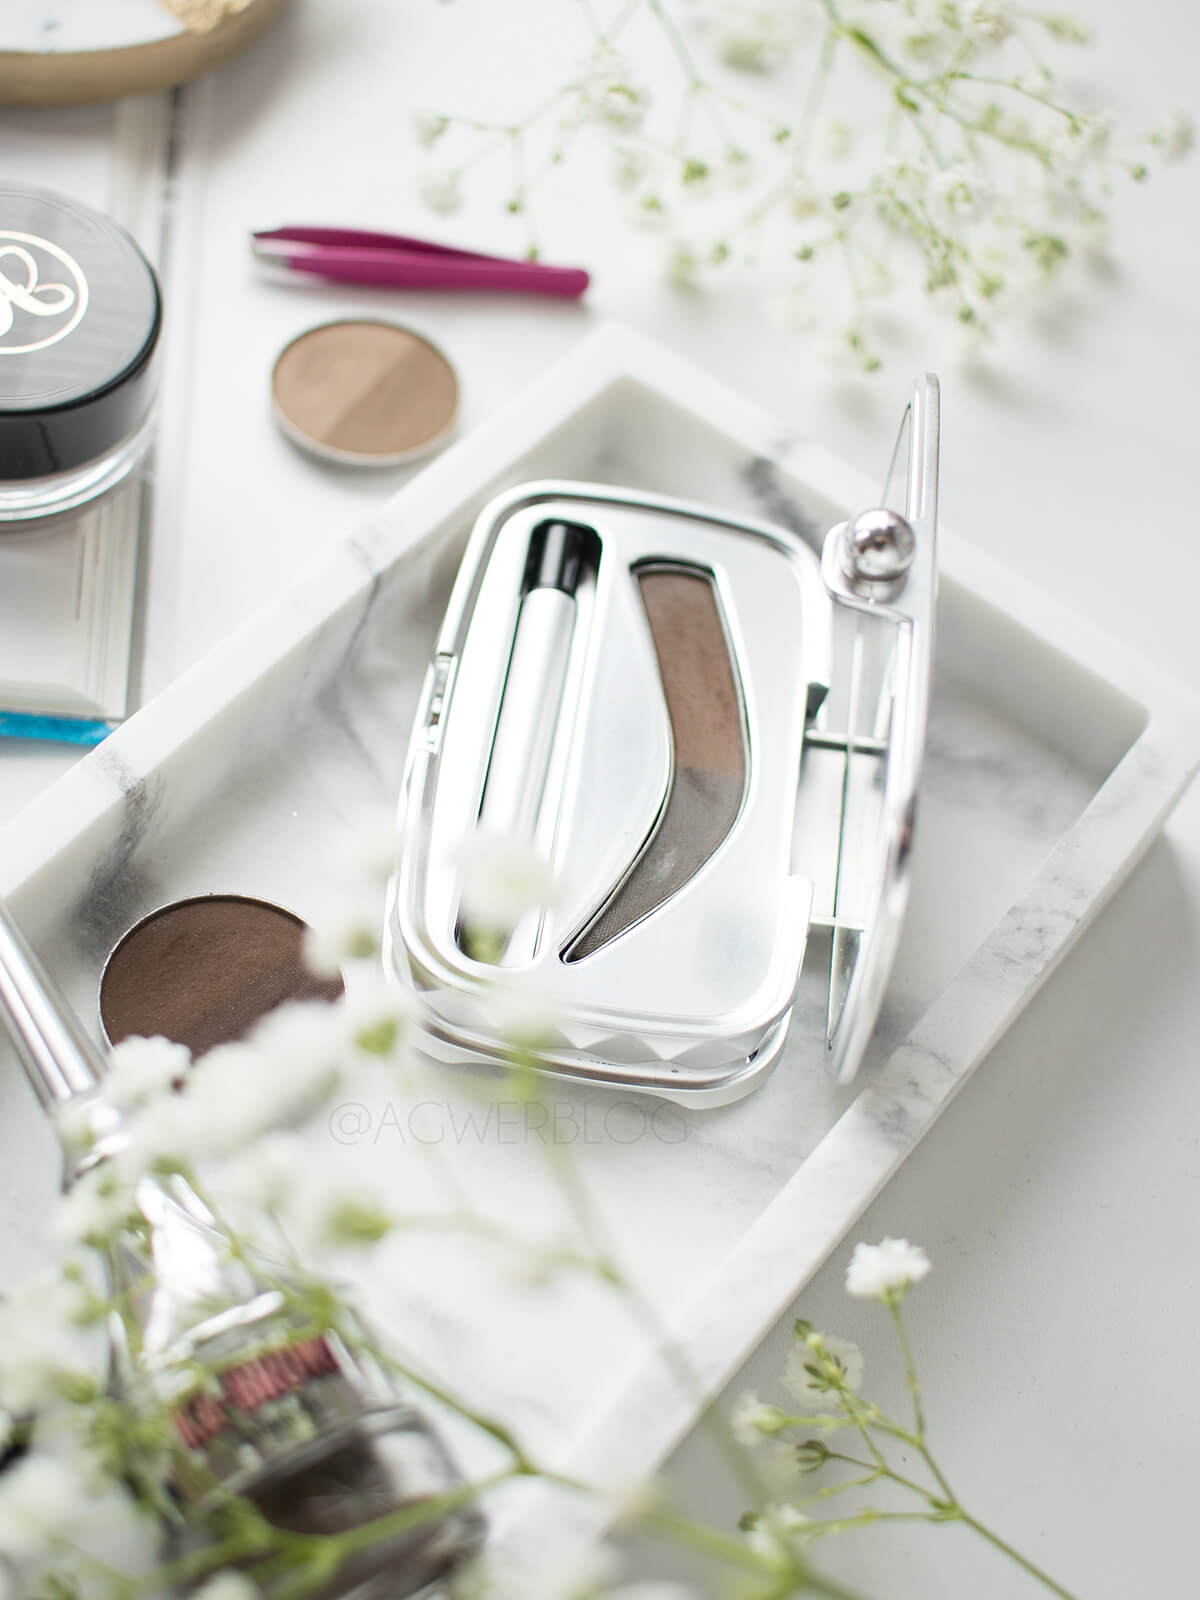 makijaż brwi kosmetyki